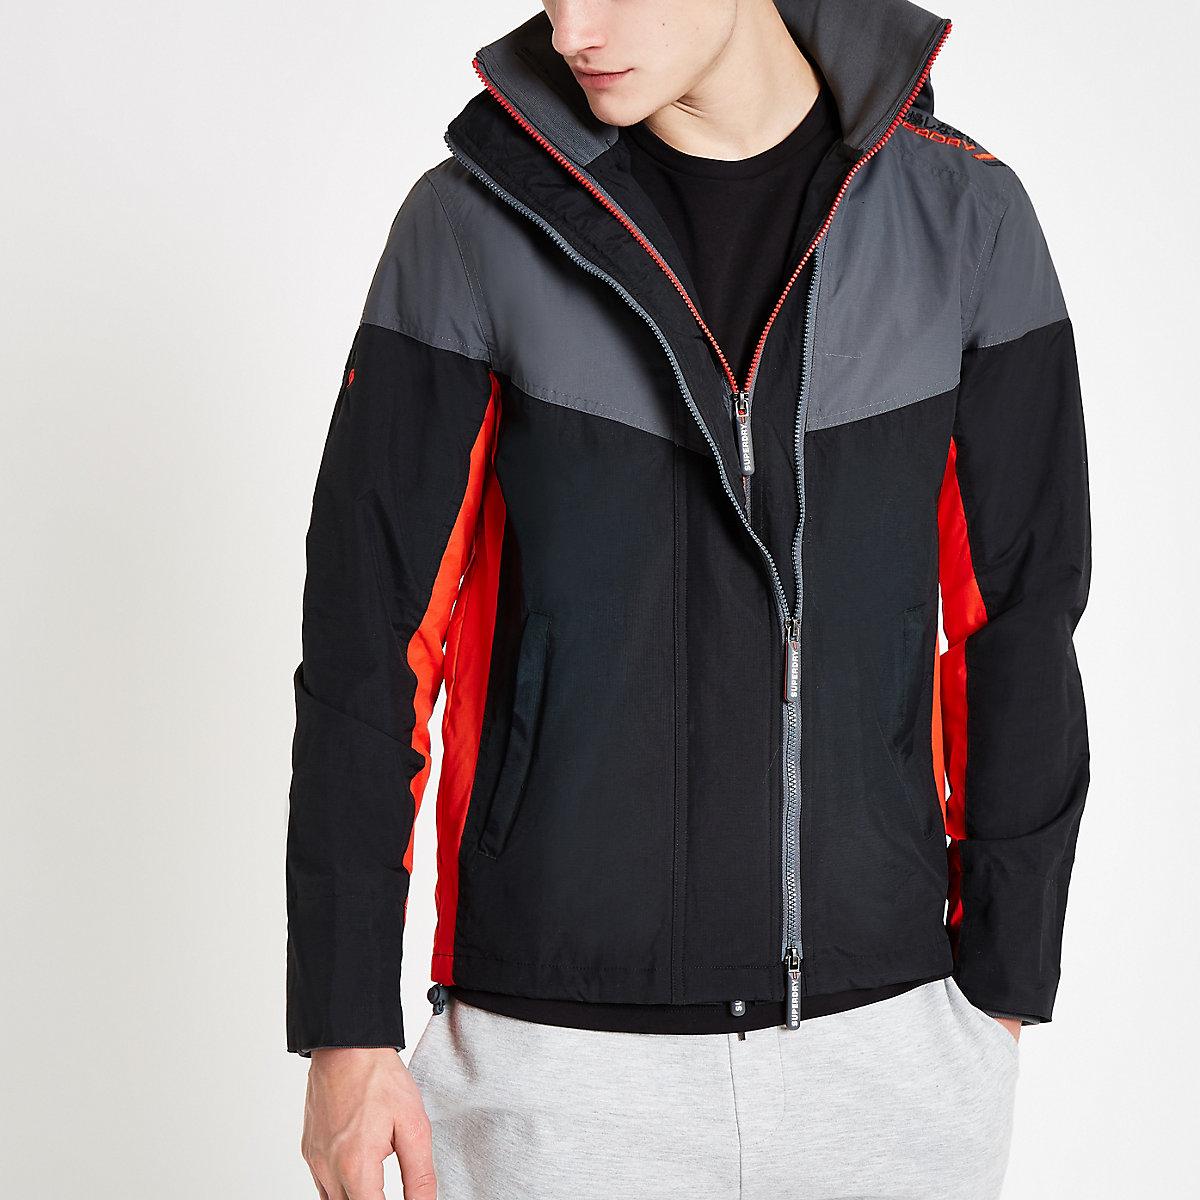 Superdry black hooded zip-up jacket